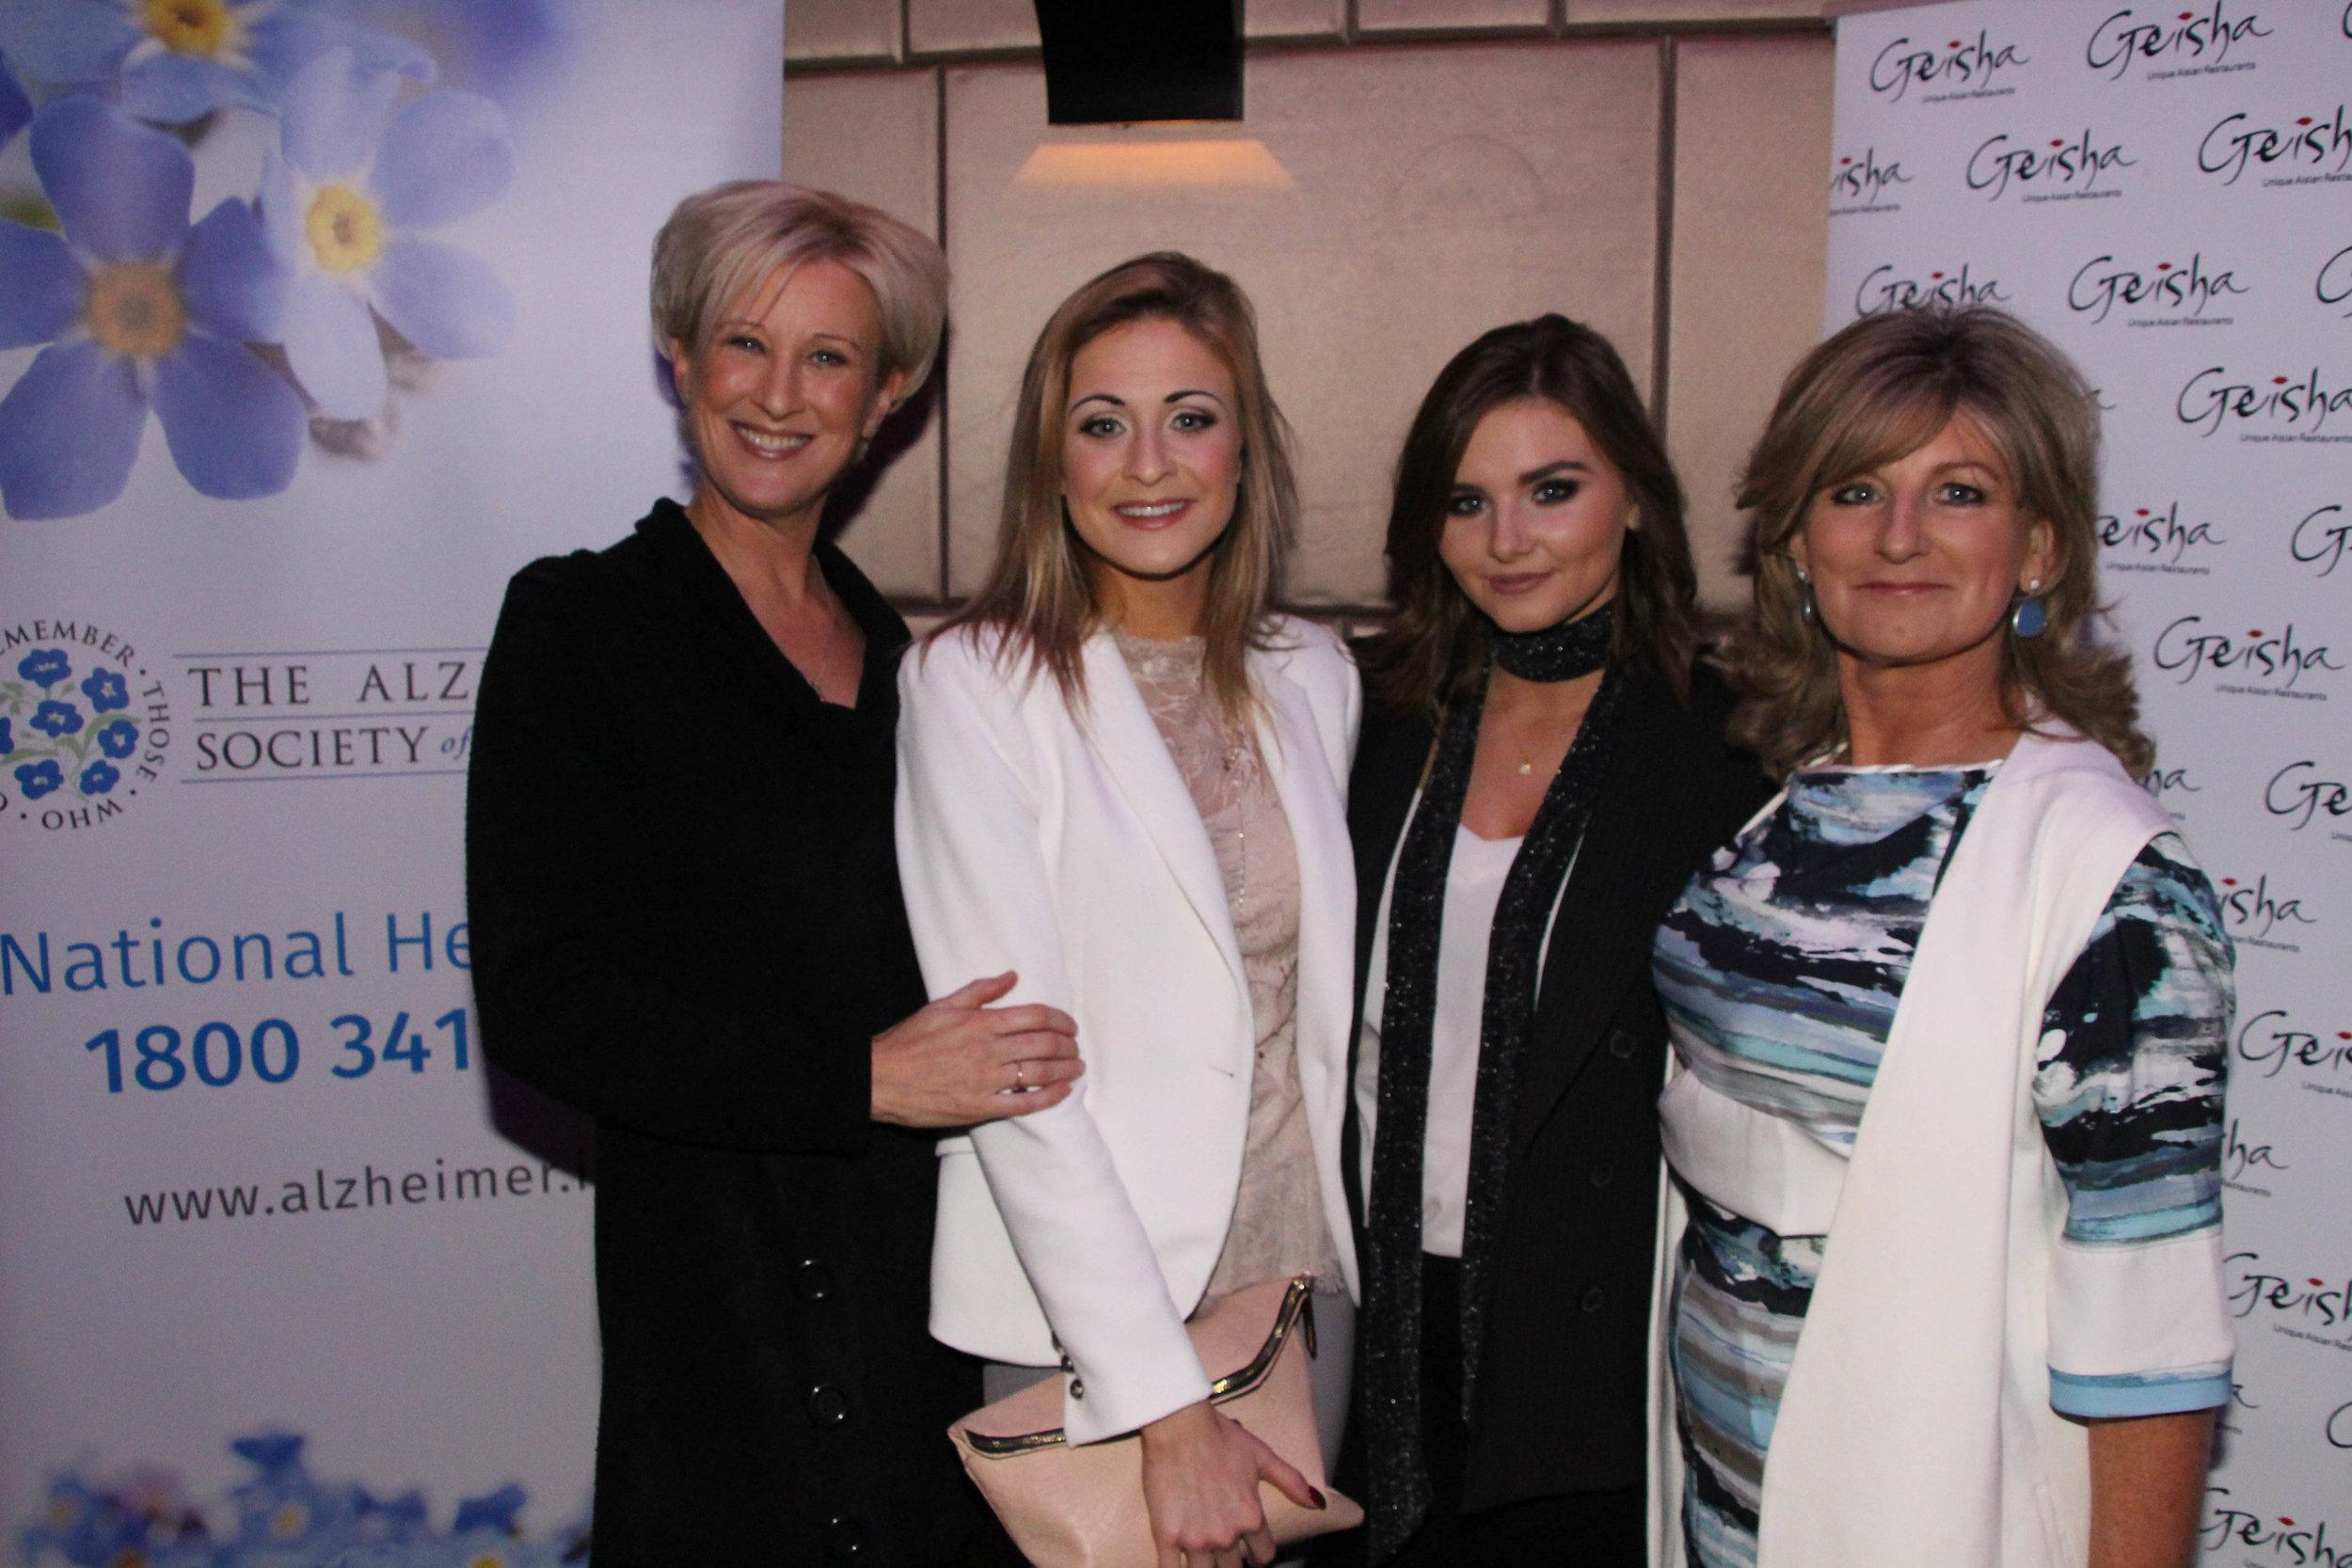 18 - Nora Haughey, Caoimhe Haughey, Julie McNeill, Yvonne McNeill.jpg